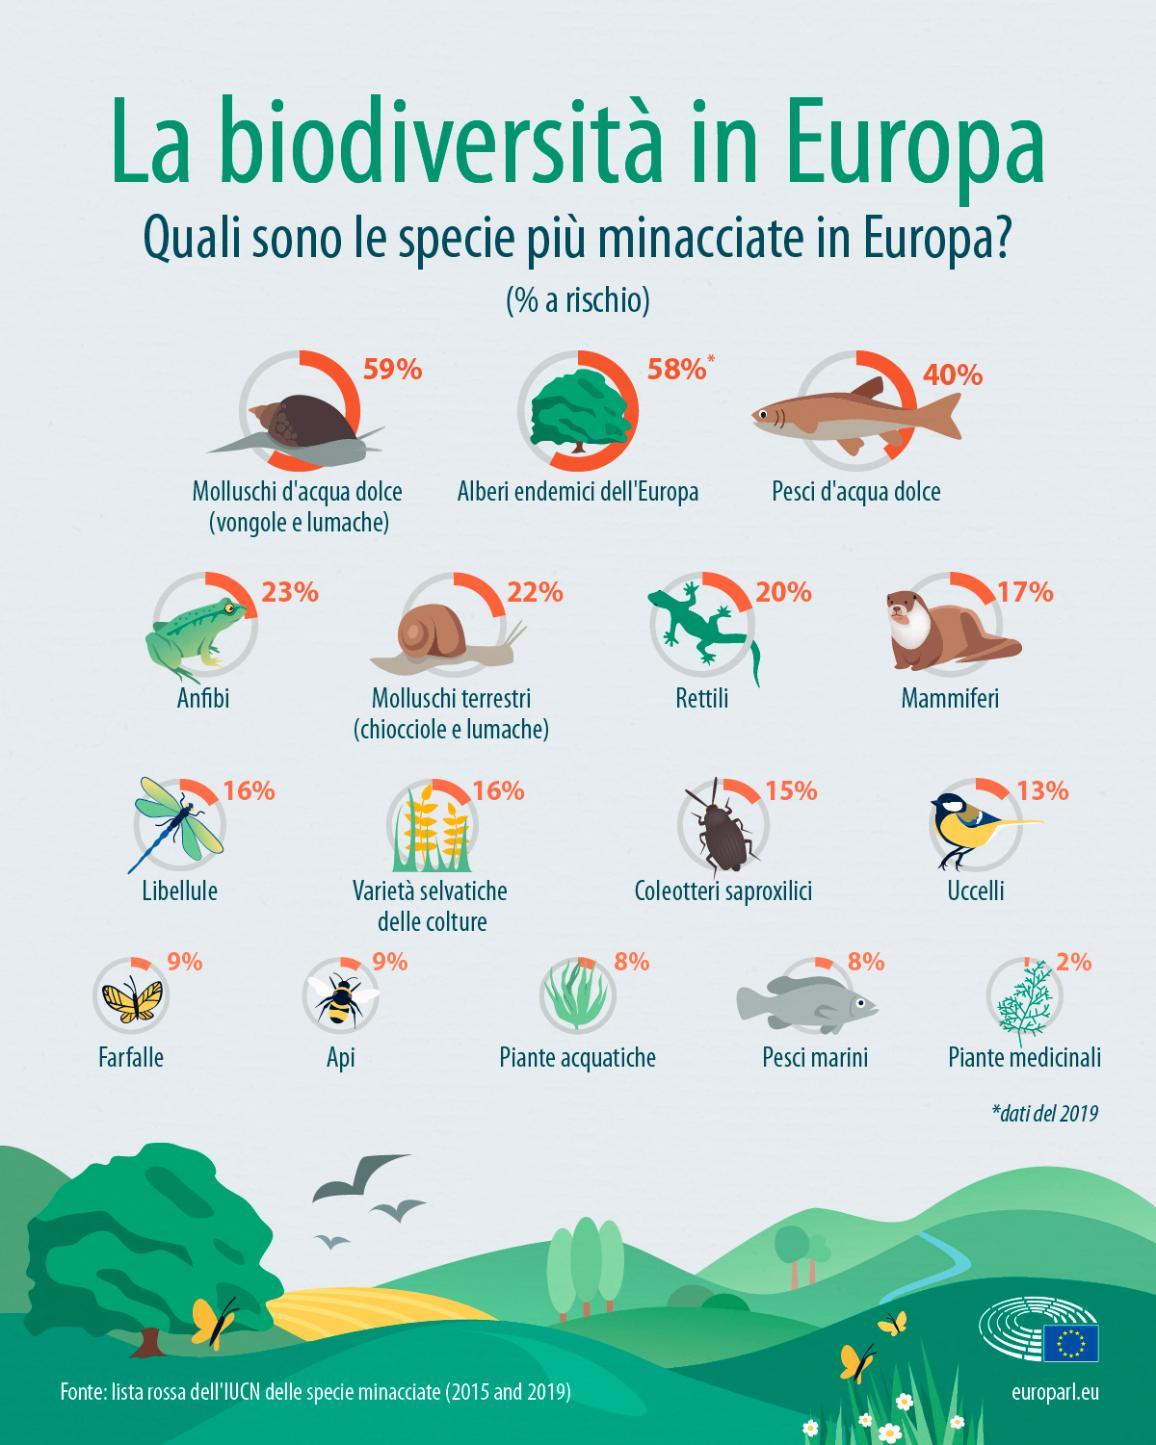 L'infografica mostra la percentuale di rischio delle specie europee. Le specie più minacciate in Europa sono i molluschi d'acqua dolce, gli alberi endemici e i pesci d'acqua dolce.